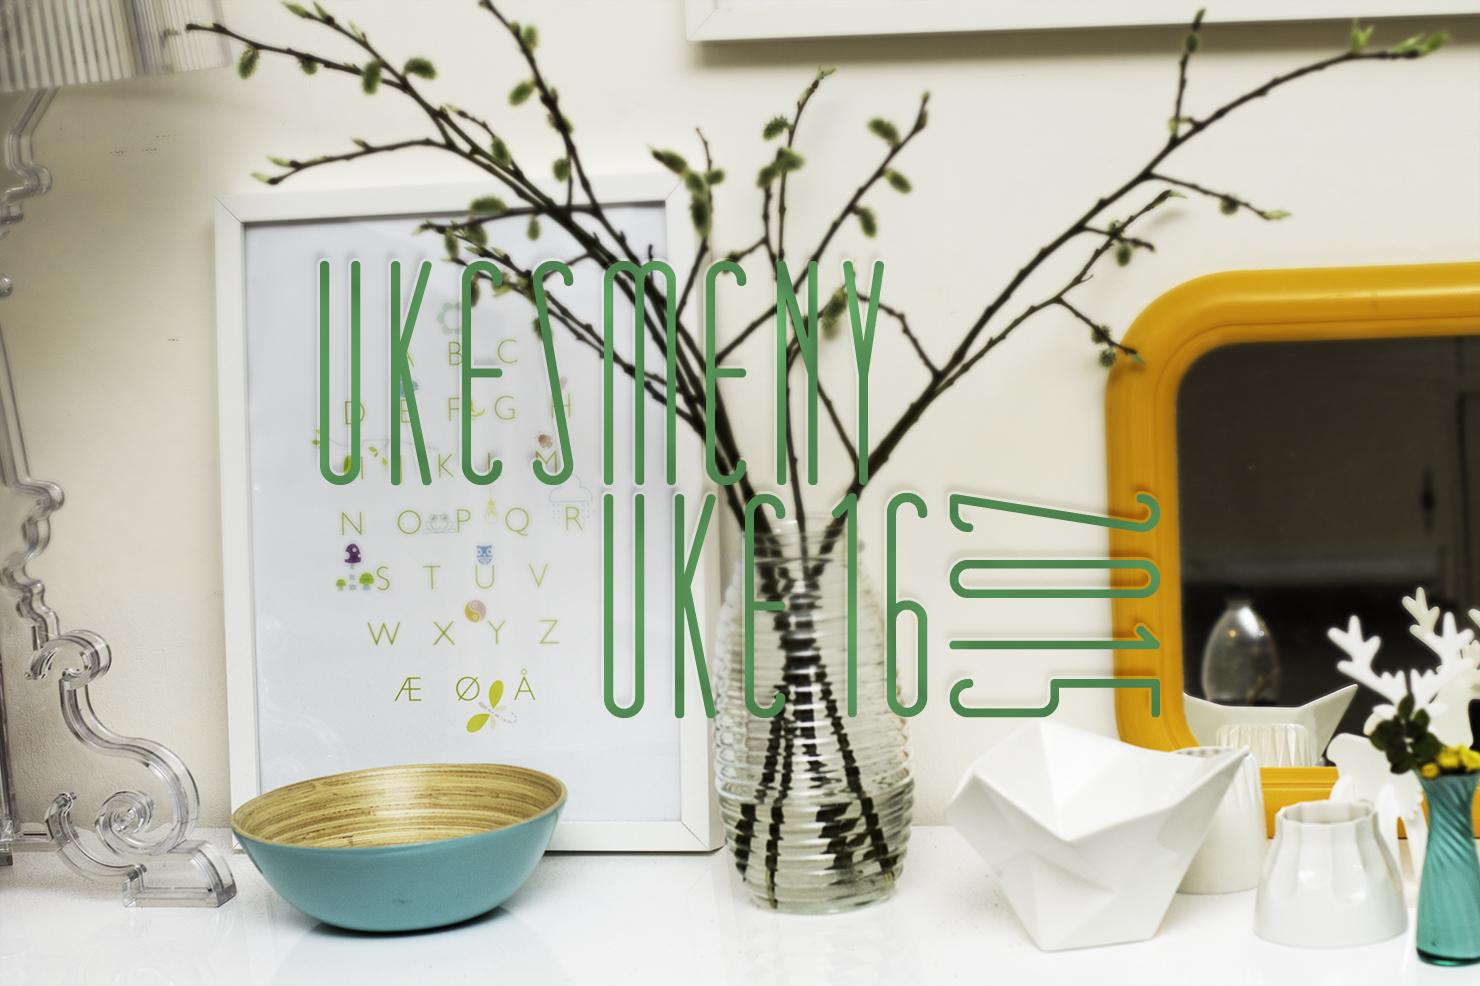 Ukesmeny | Uke 16 | 2015